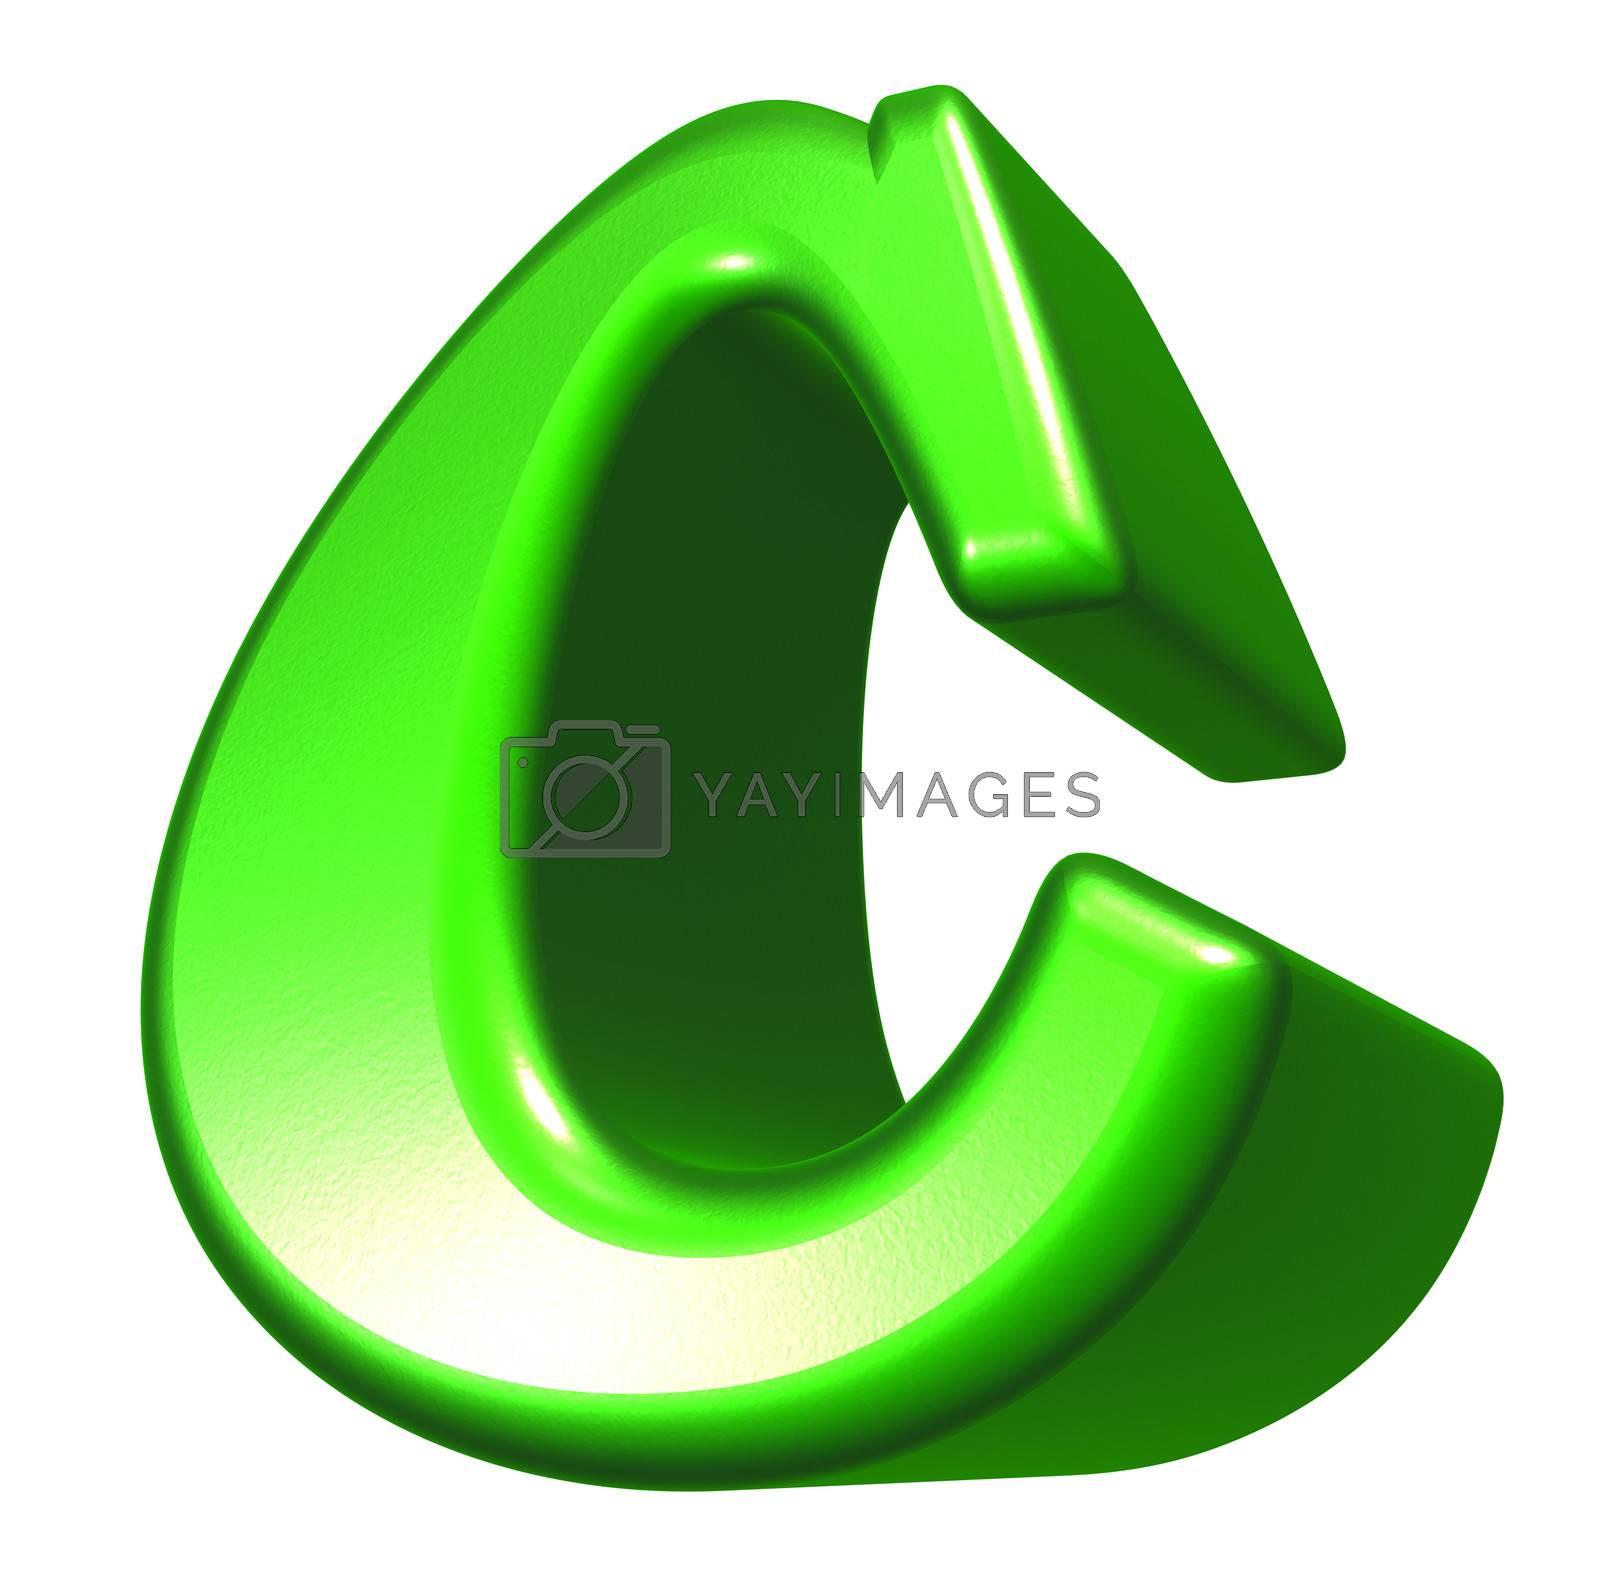 letter c  on white background - 3d illustration